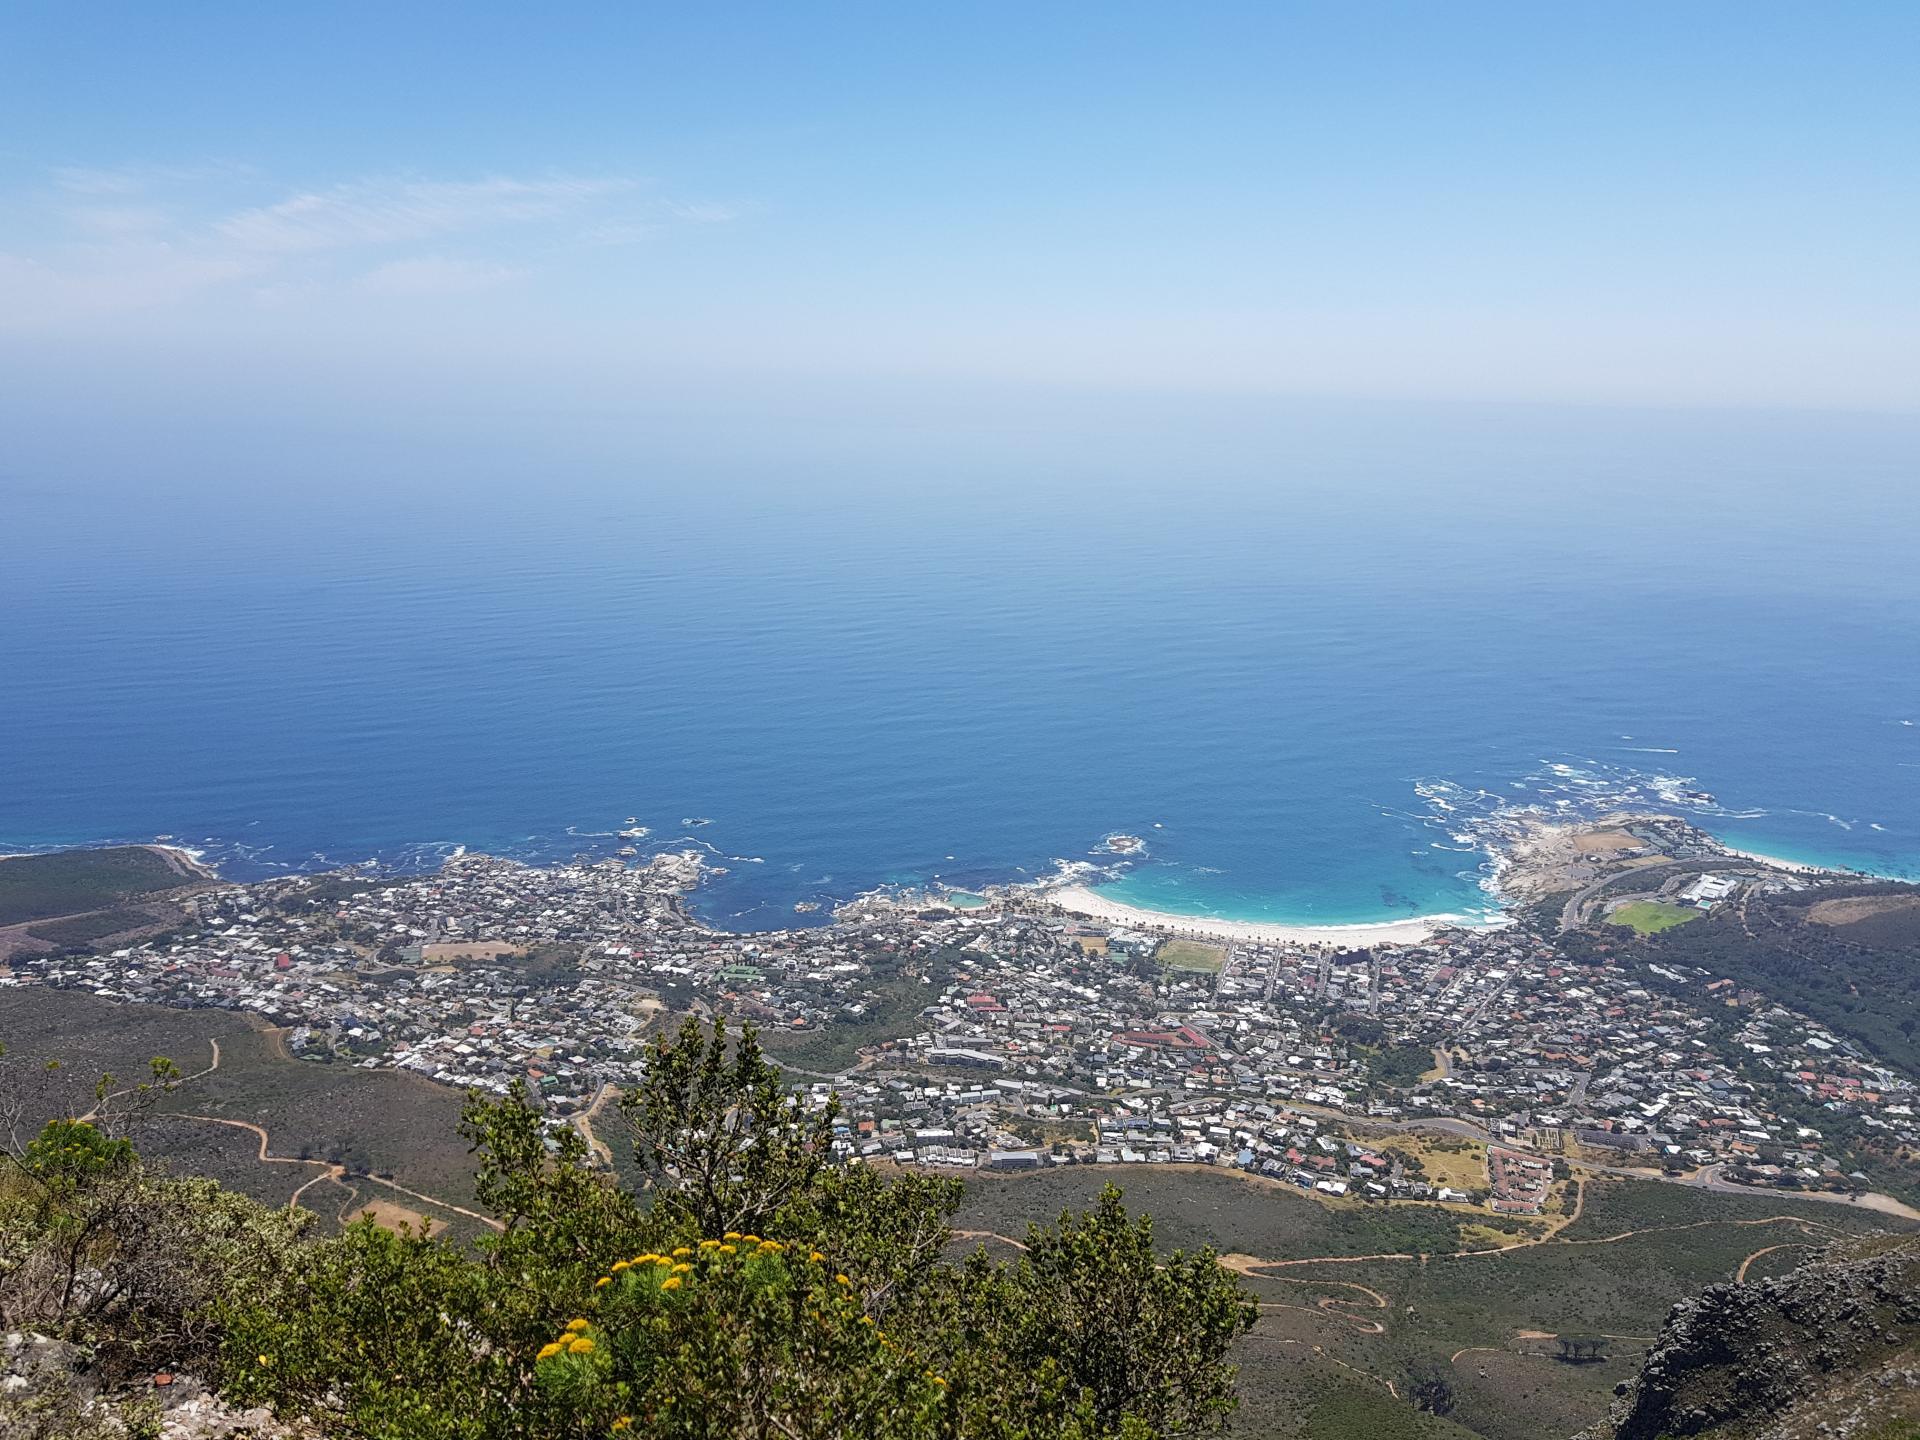 вид на пригород Кейптауна со Столовой горы